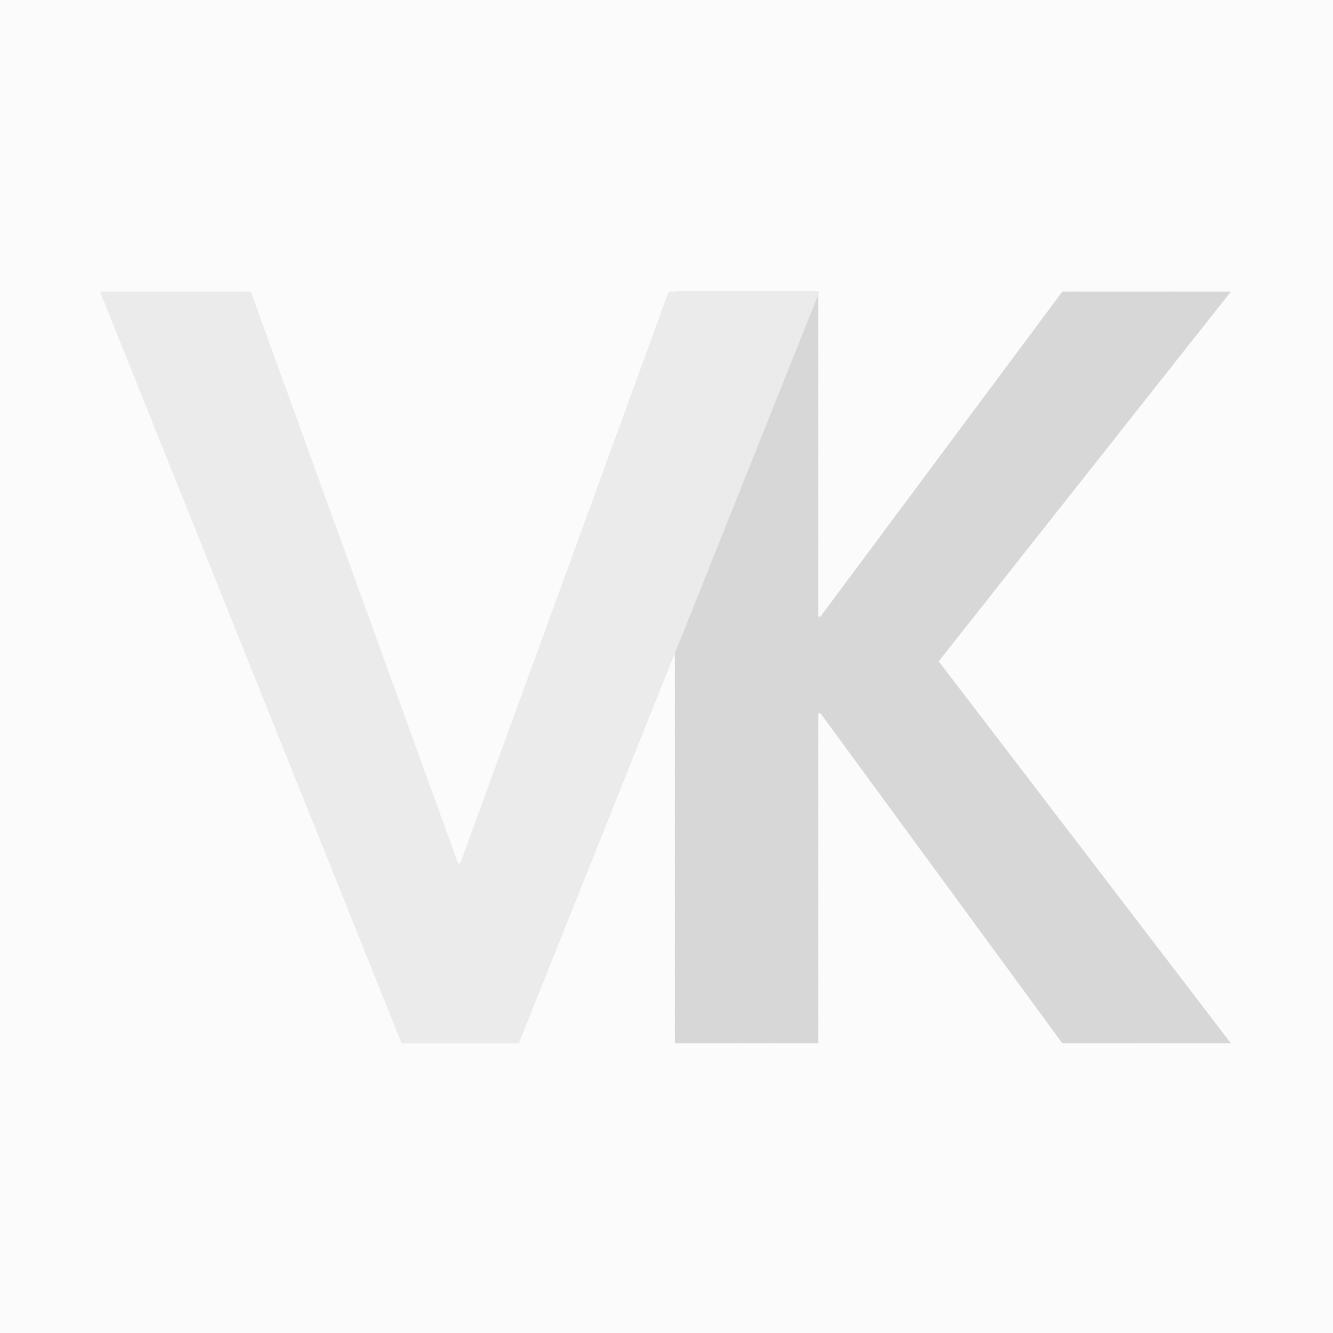 Kyone 580 Kappersschaar 5.5